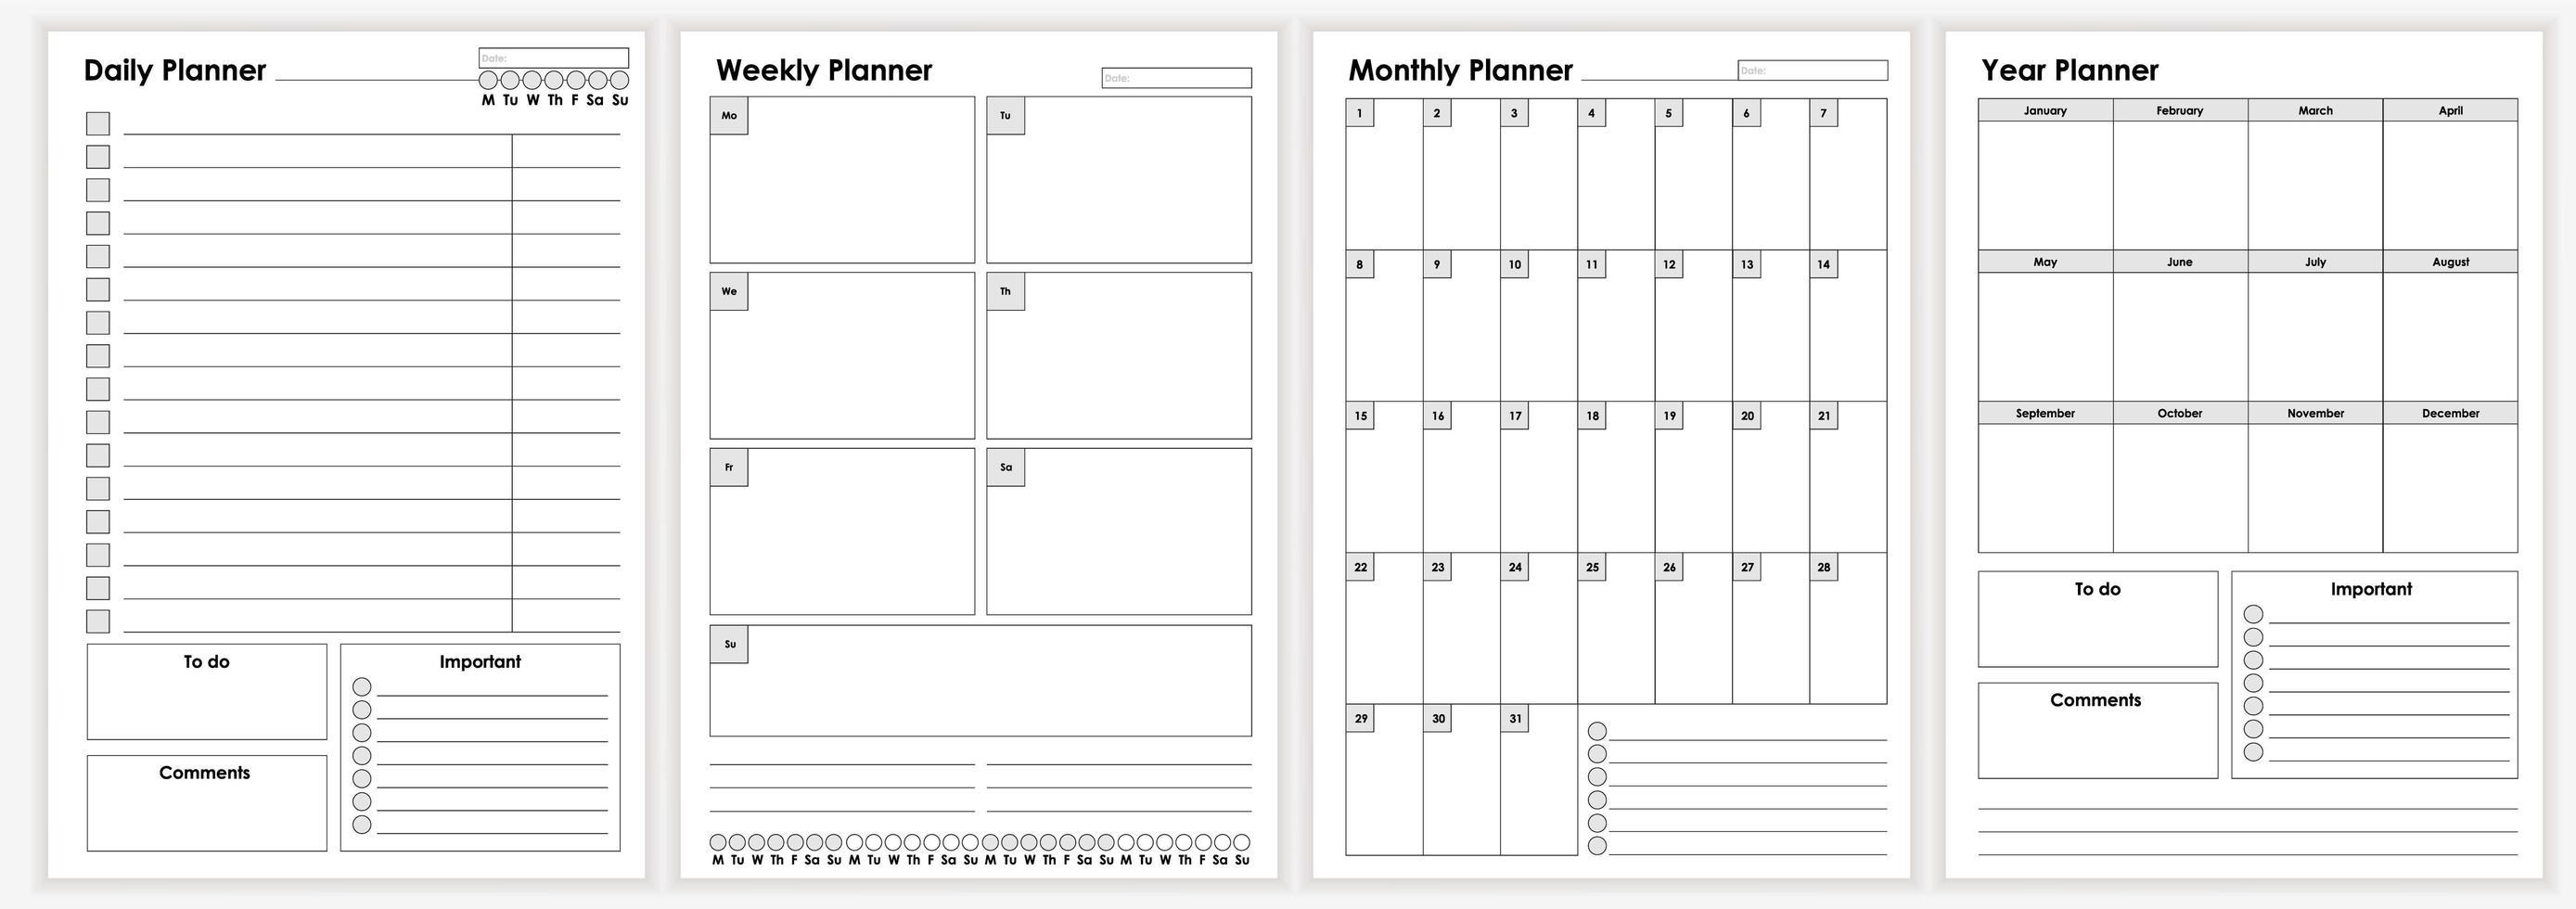 colección de hojas minimalistas del planificador de vida y negocios. vector